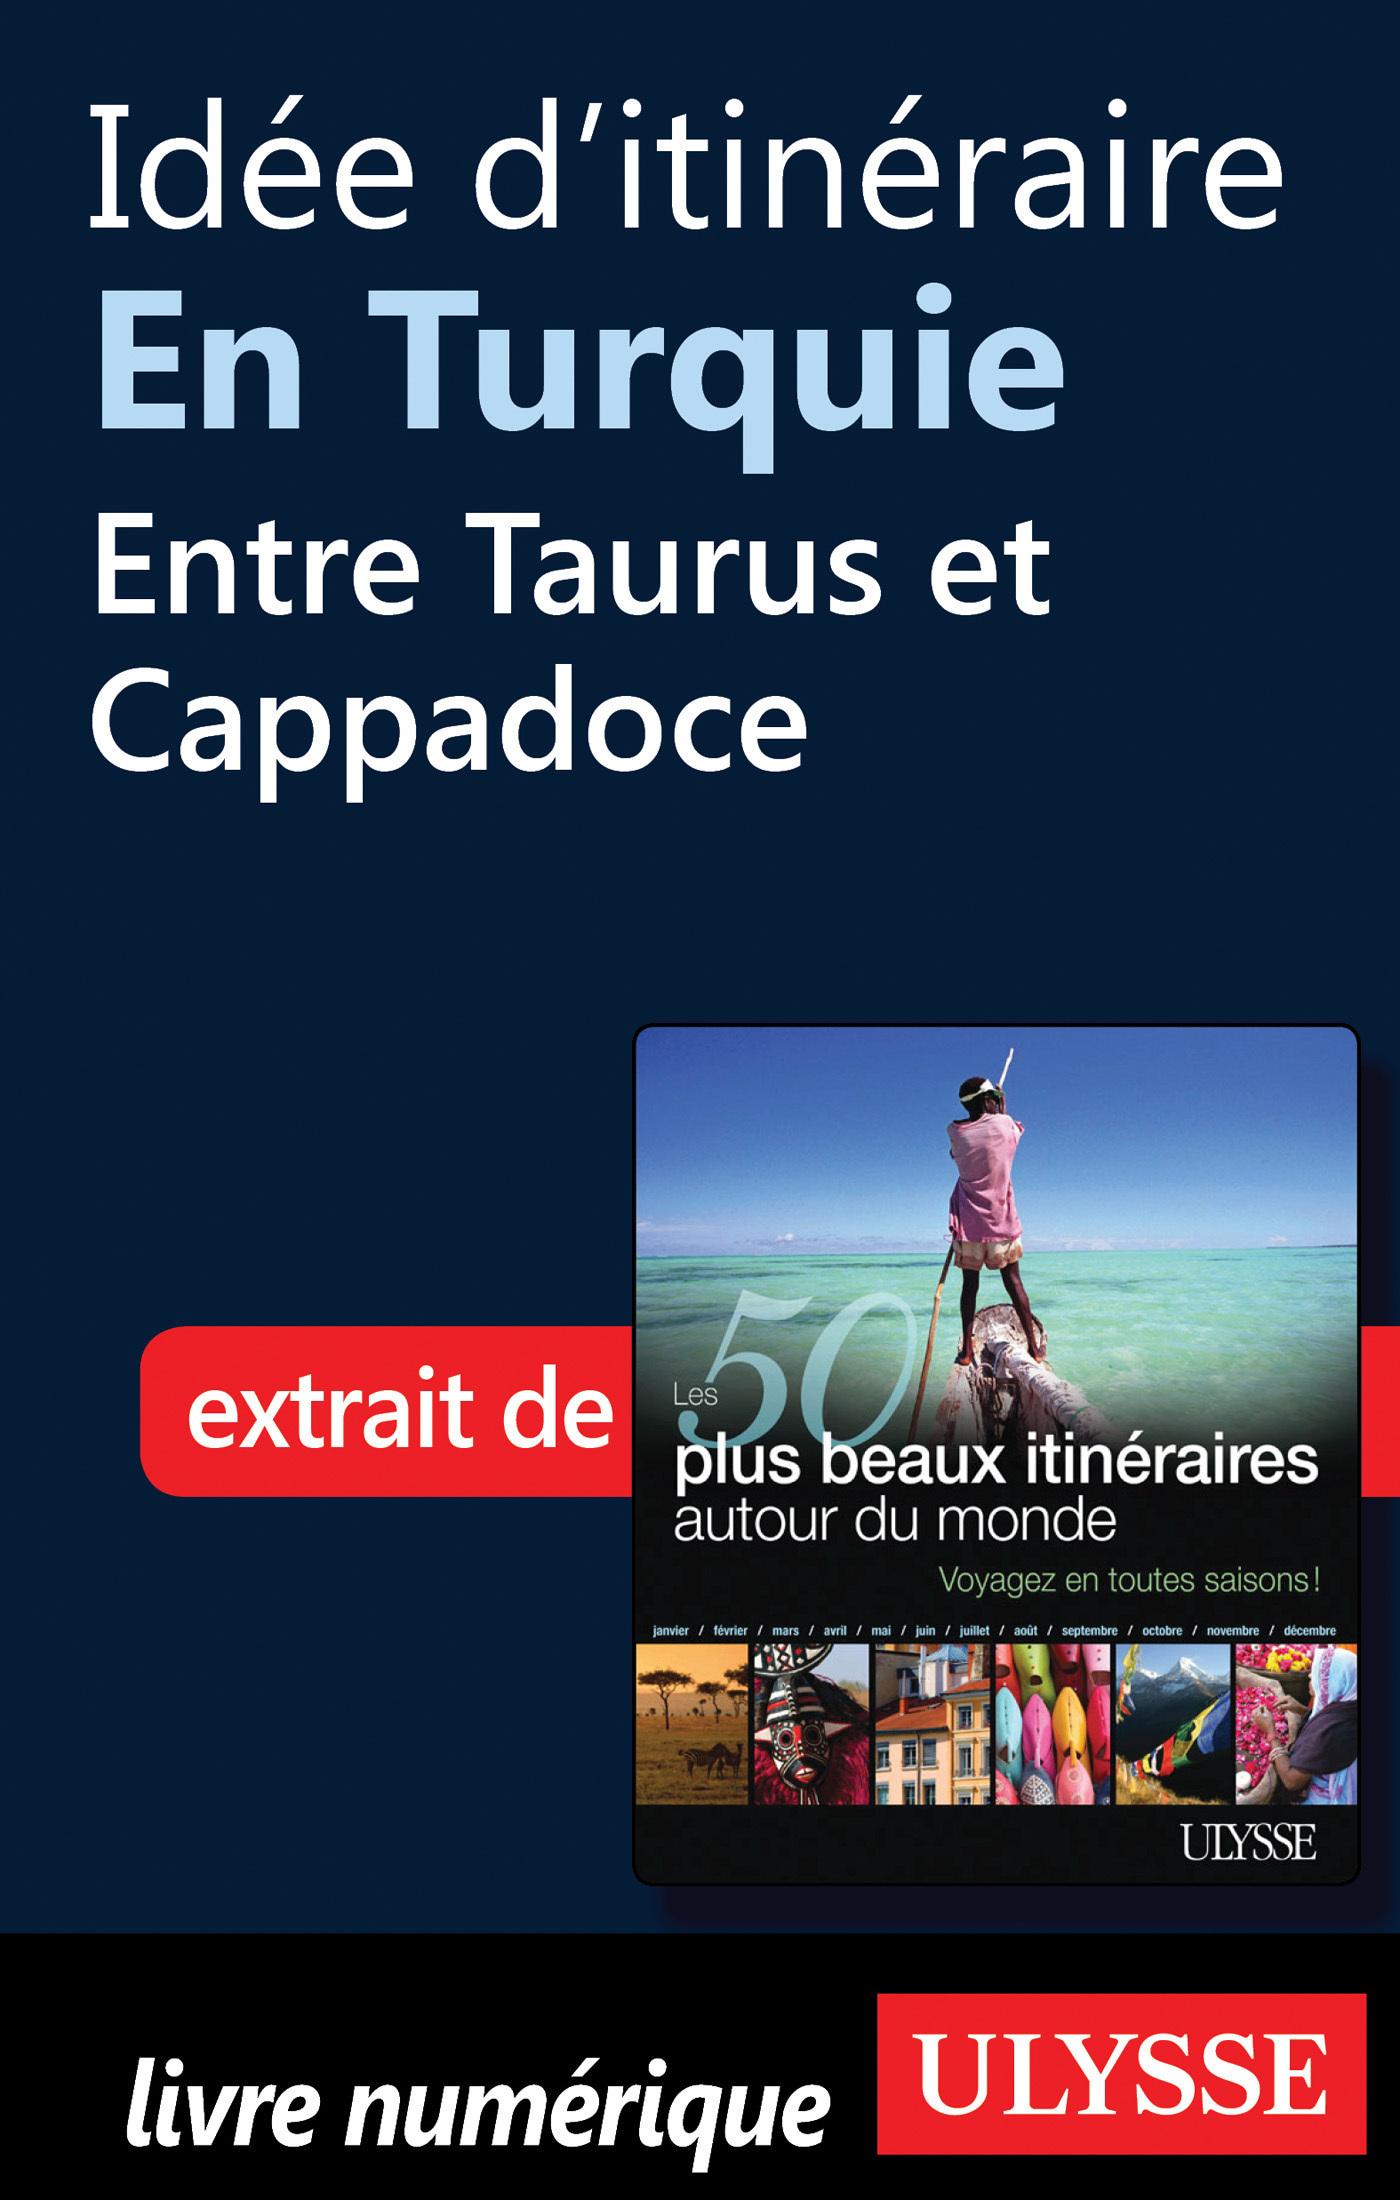 Idée d'itinéraire en Turquie : Entre Taurus et Cappadoce